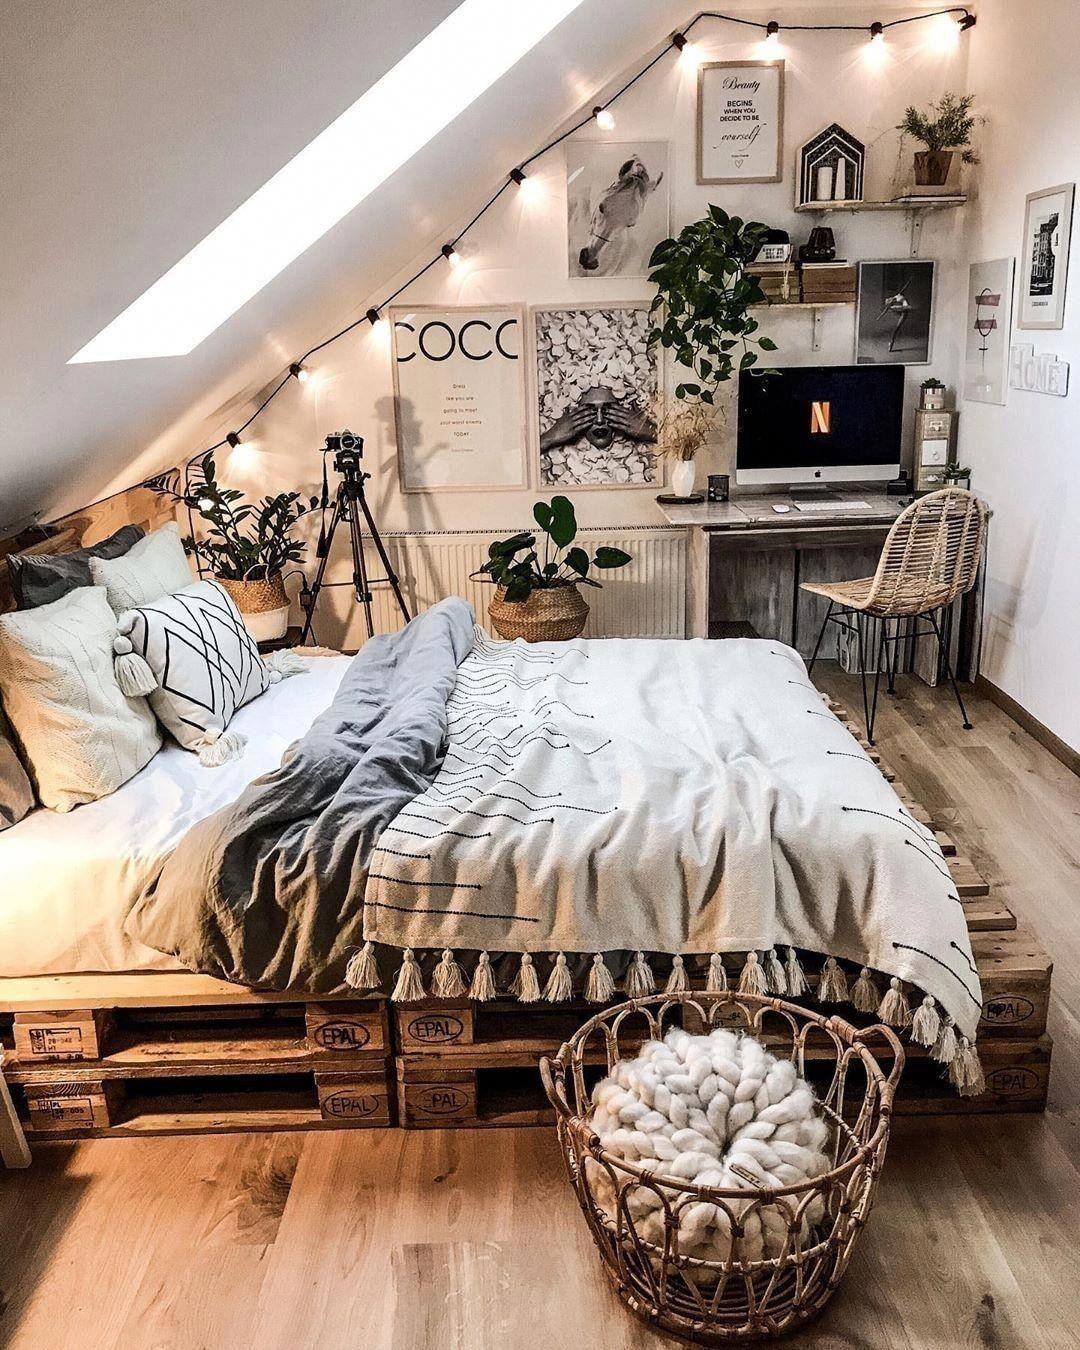 Ideen im böhmischen Stil für die Dekoration des Schlafzimmers bohemianbedroom #bohemianbedrooms